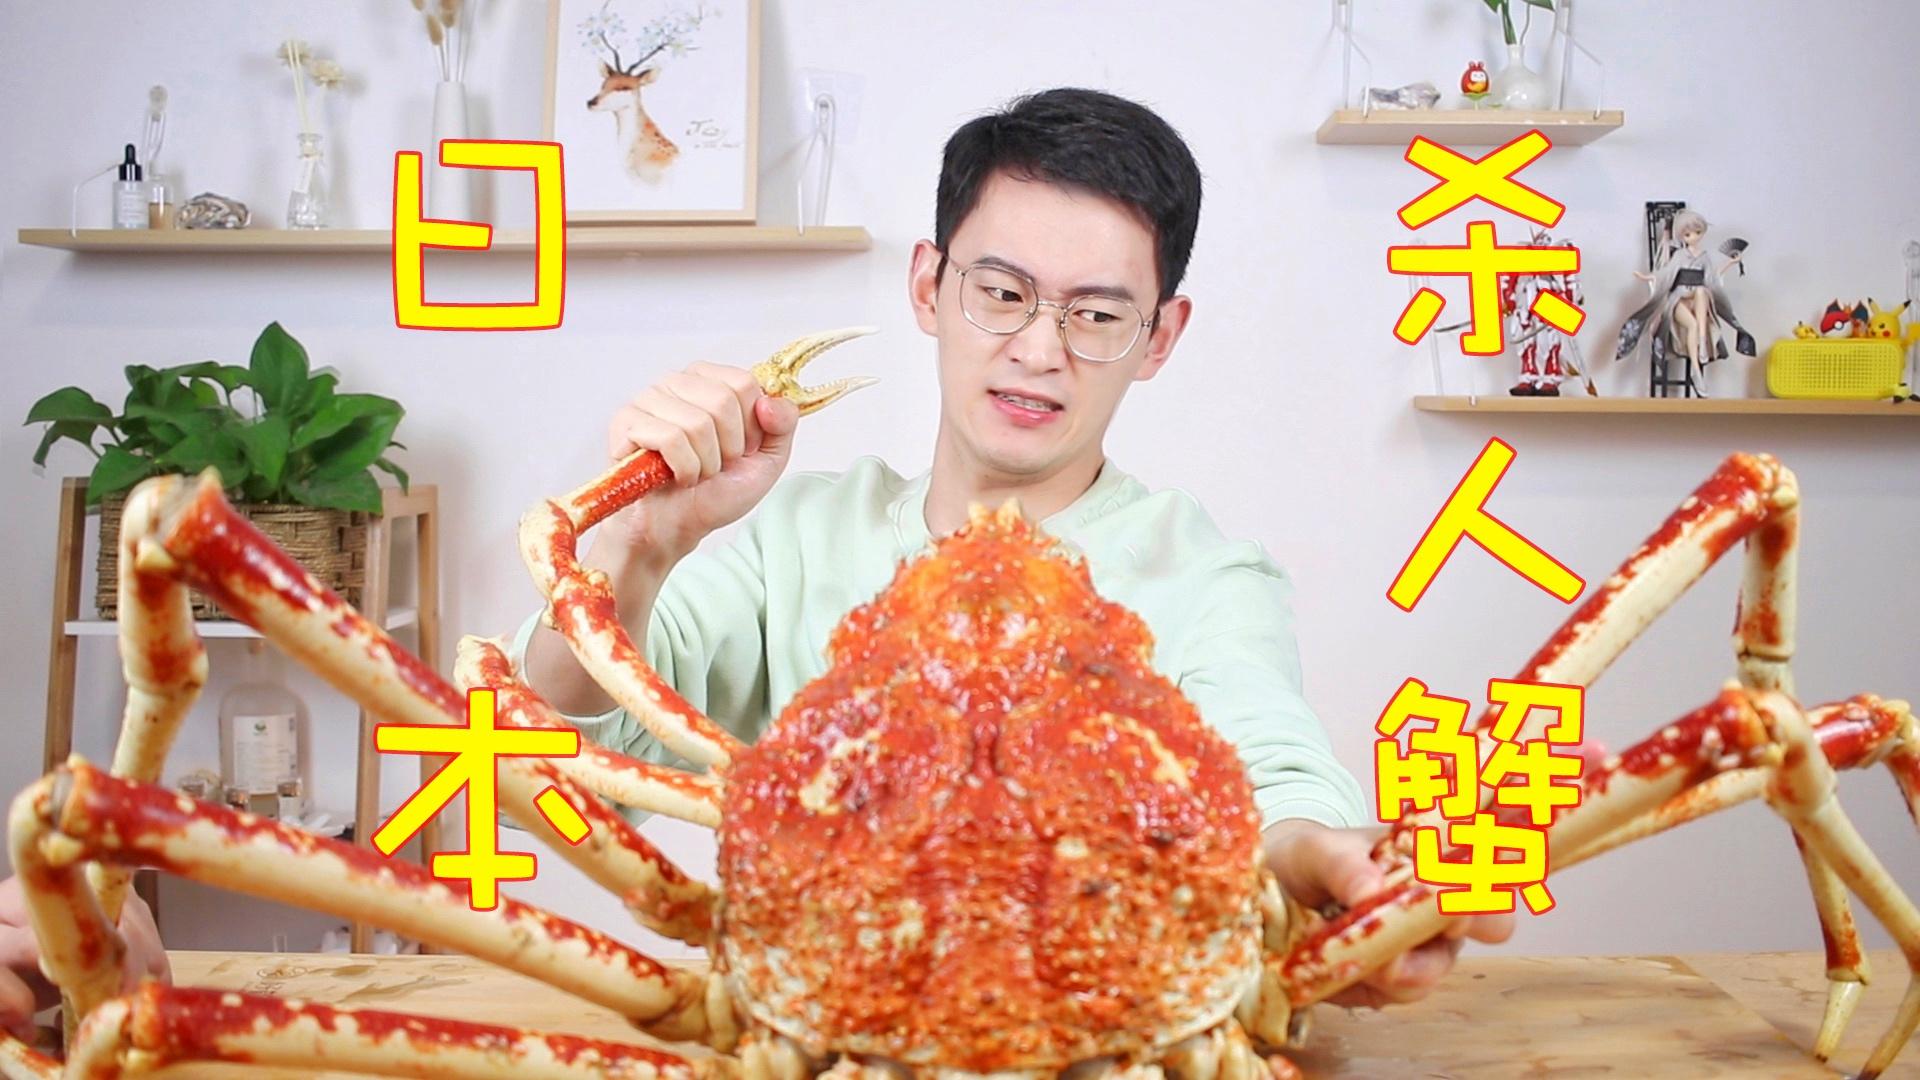 世界上最大的螃蟹,据说能杀人?我只关心它好不好吃